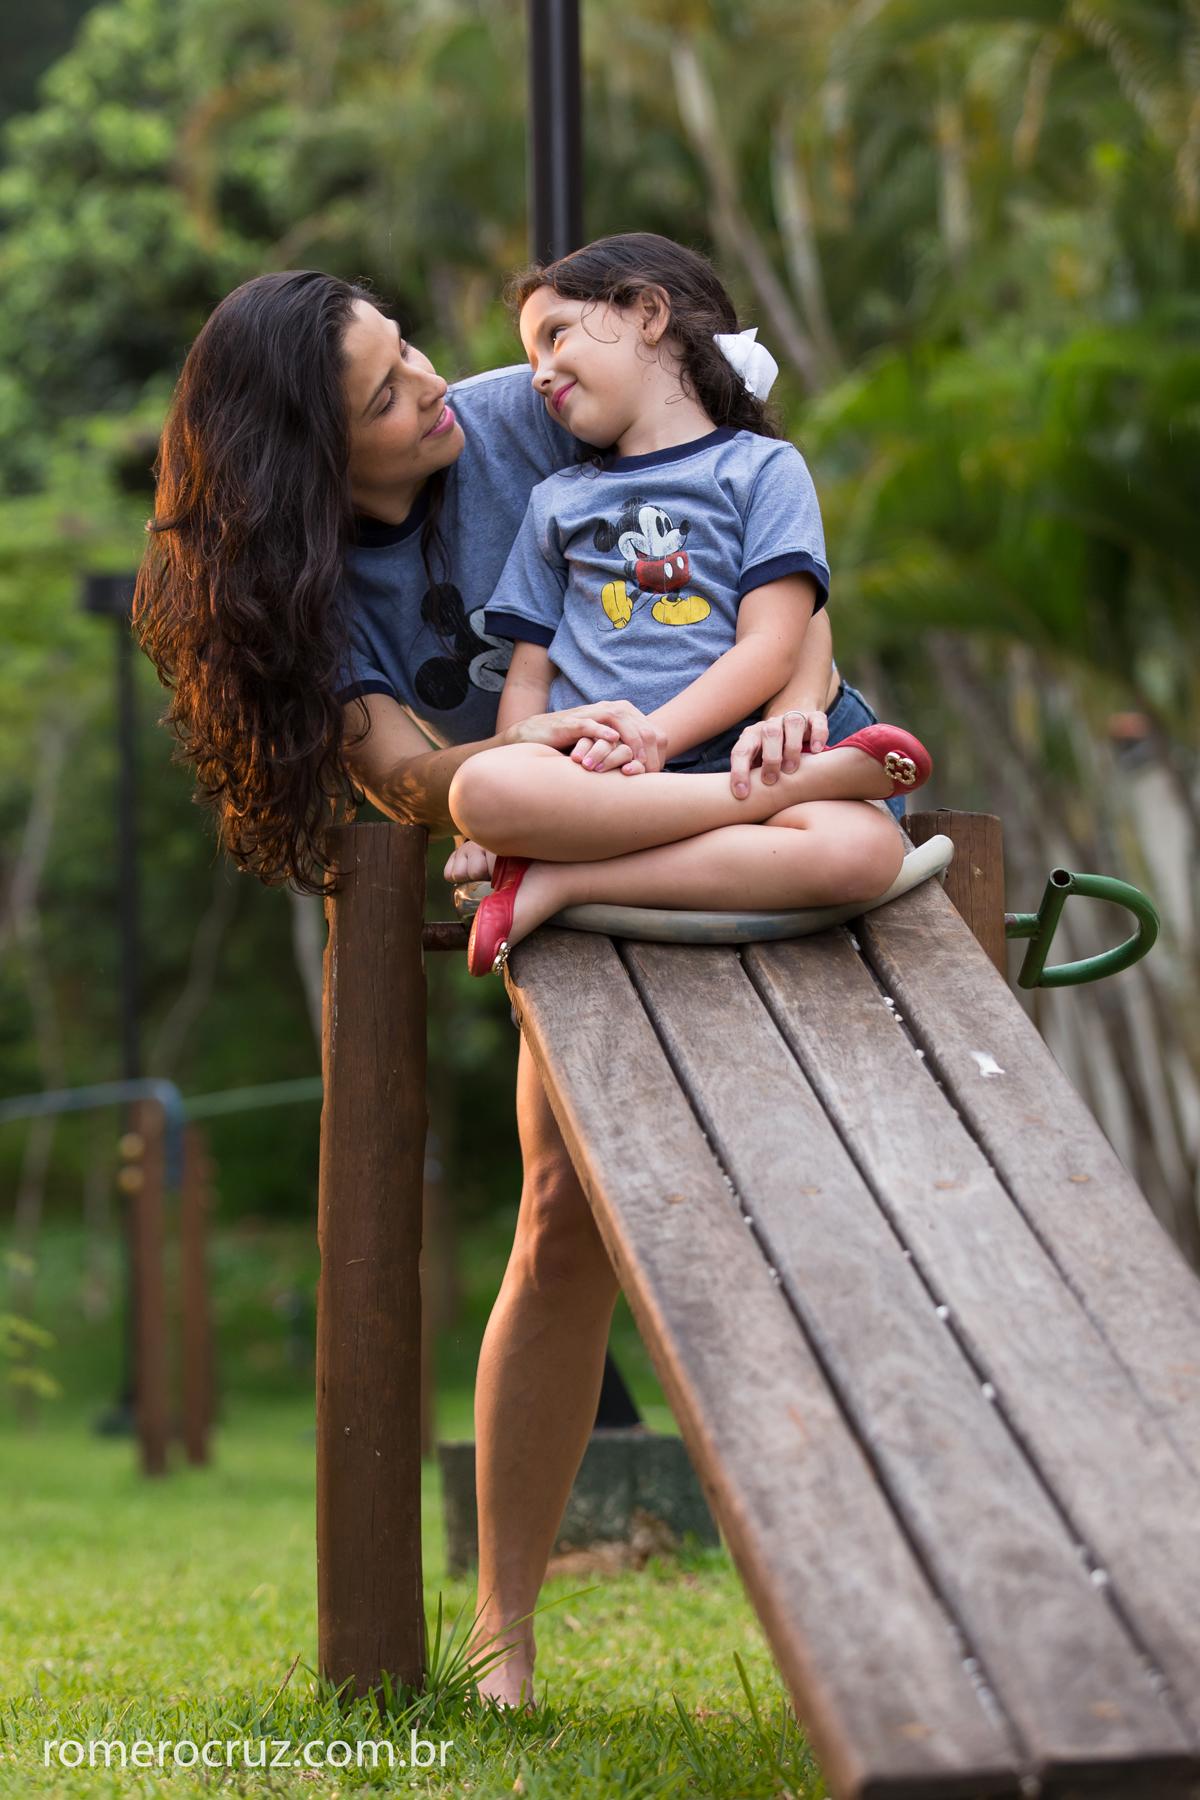 Amor maior entre mãe e filha nas fotos do ensaio da Carla e Anna